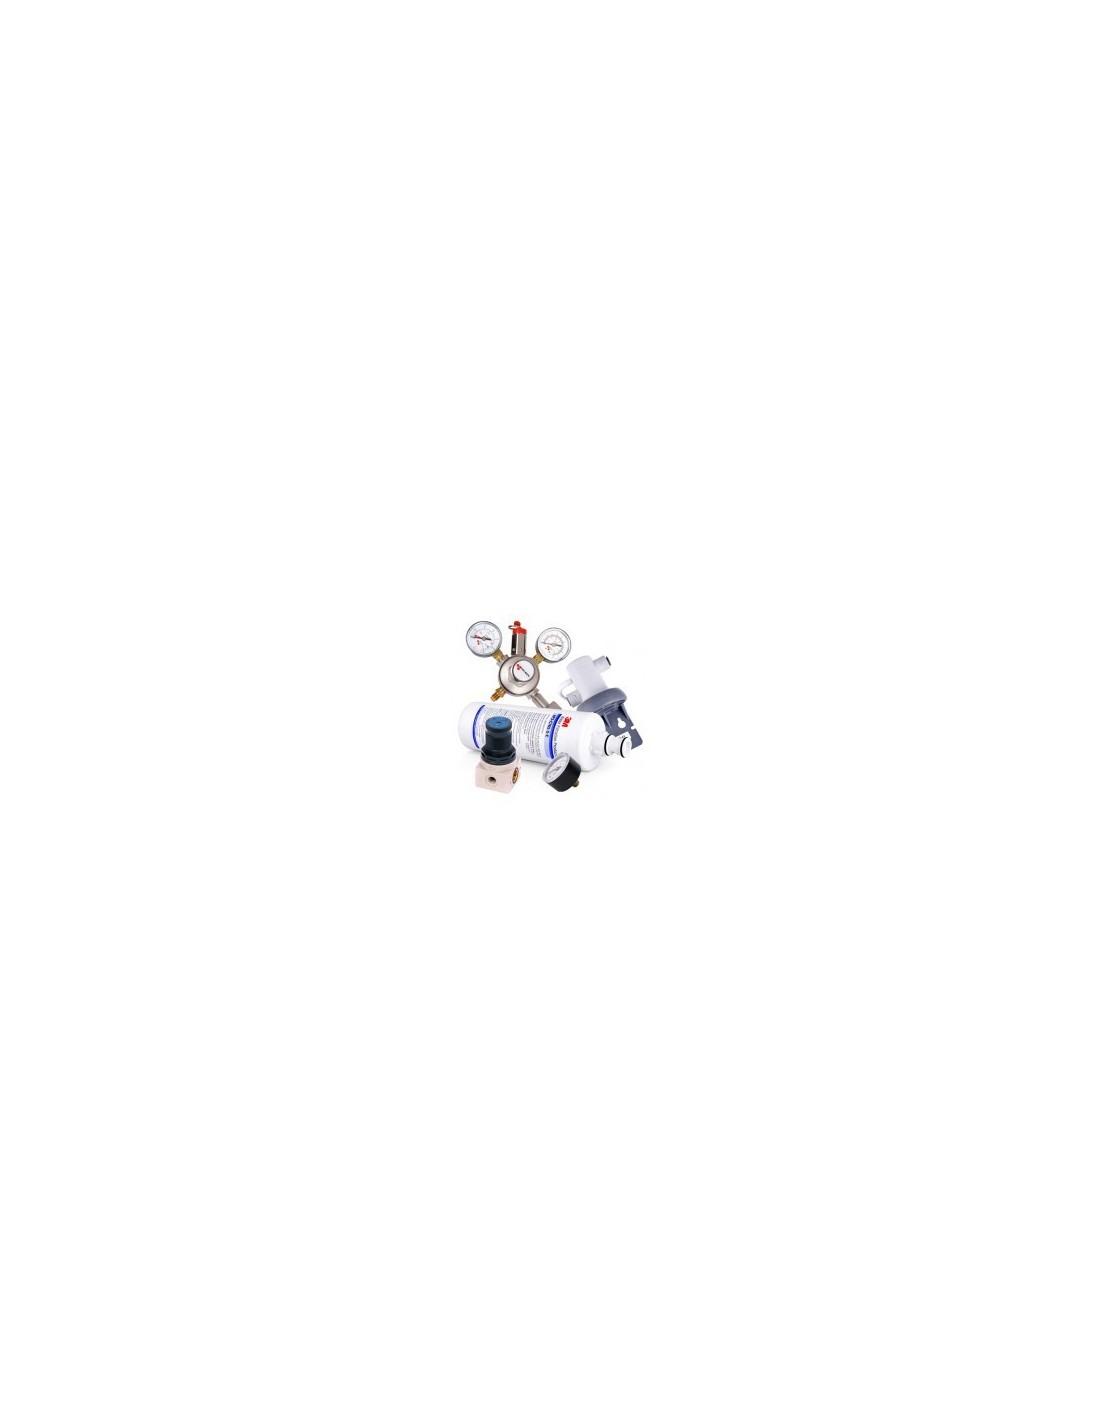 VYR02259 - Soda Pygmy accessories package